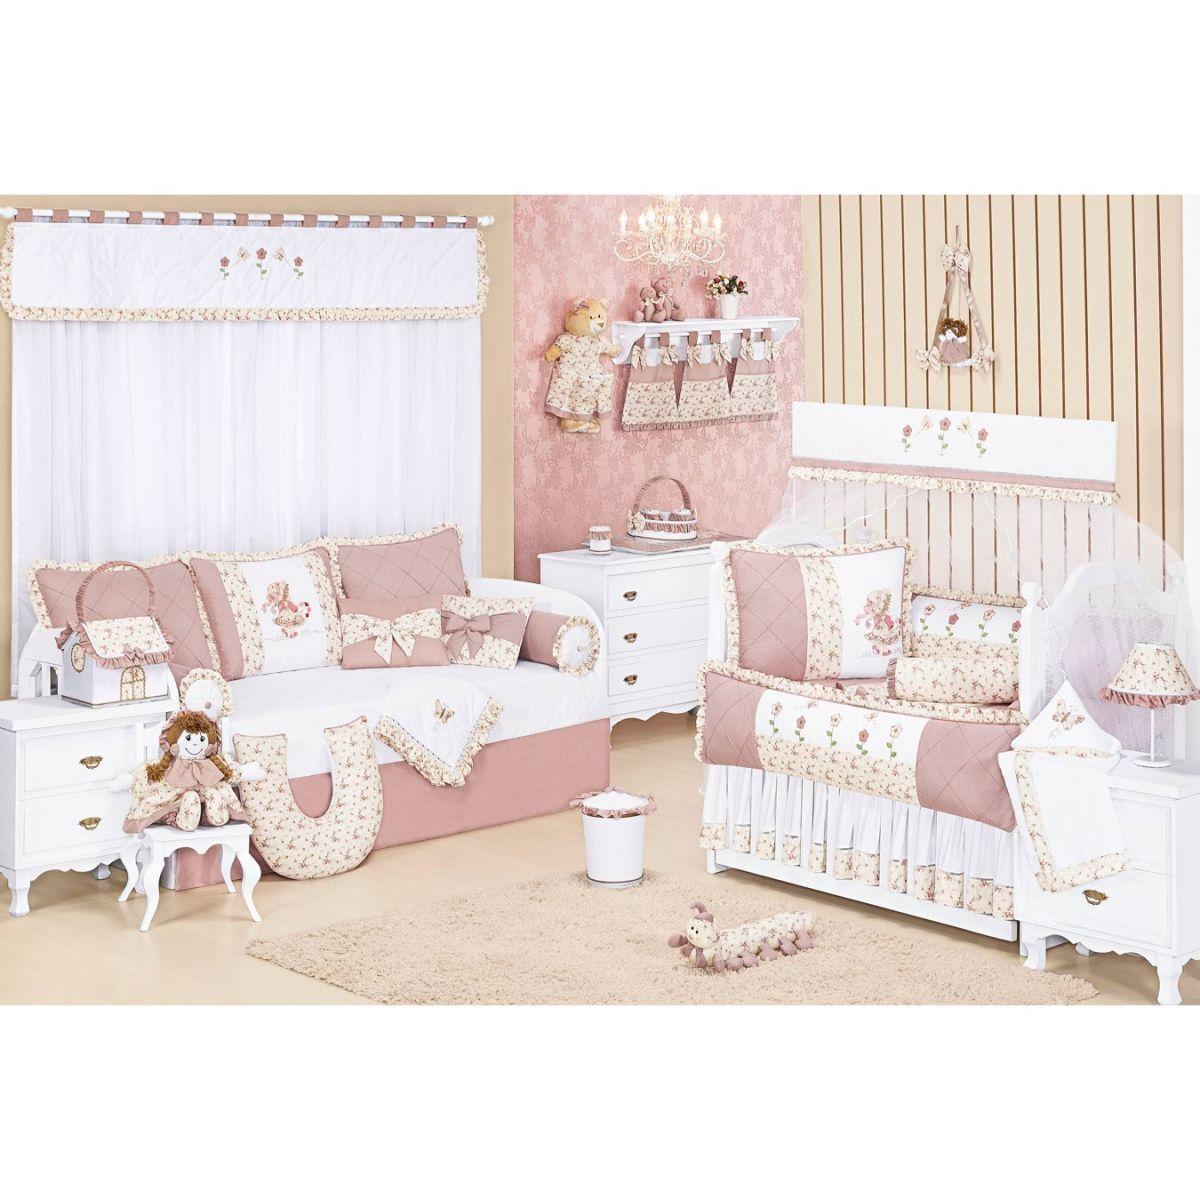 Centopéia decorativa para Quarto Bebê - Coleção Nina Camponesa